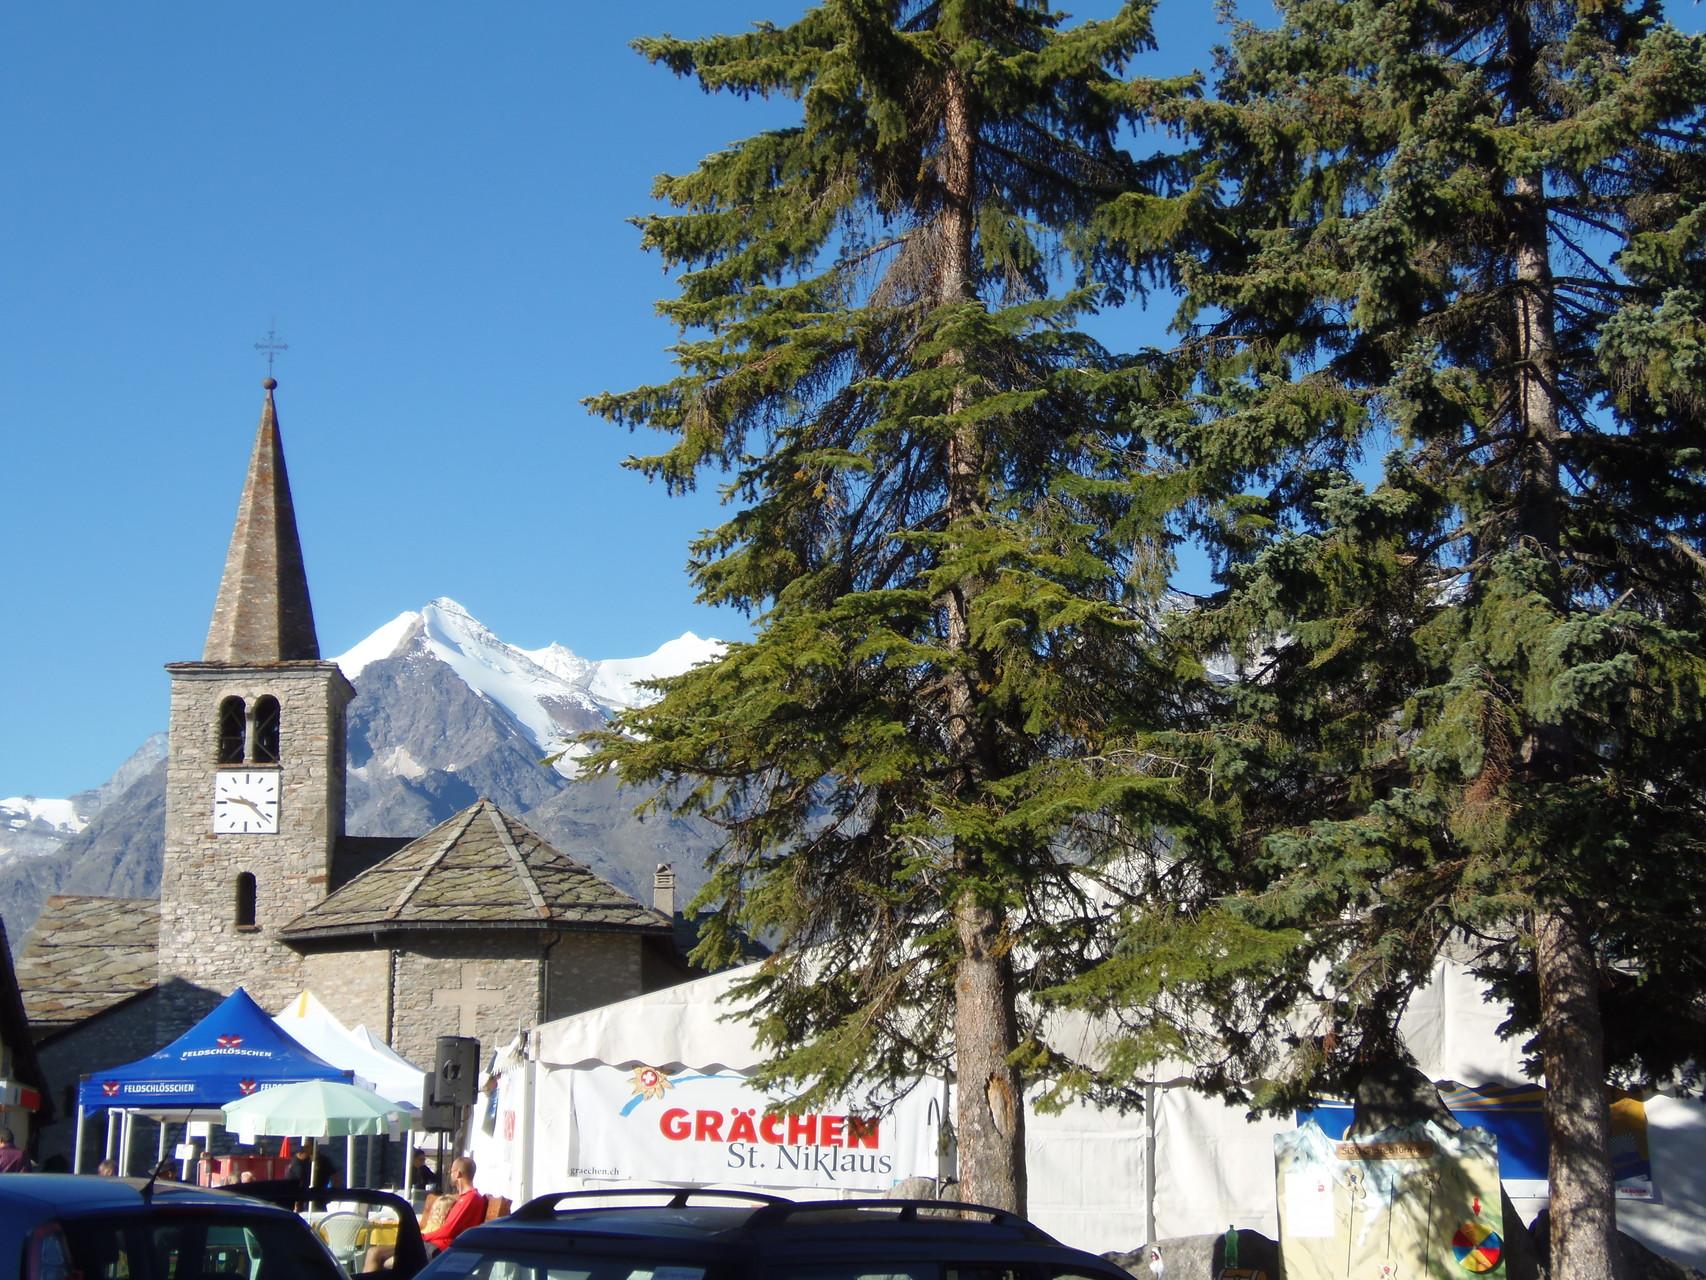 14. Ländler- und Folklorefest Grächen